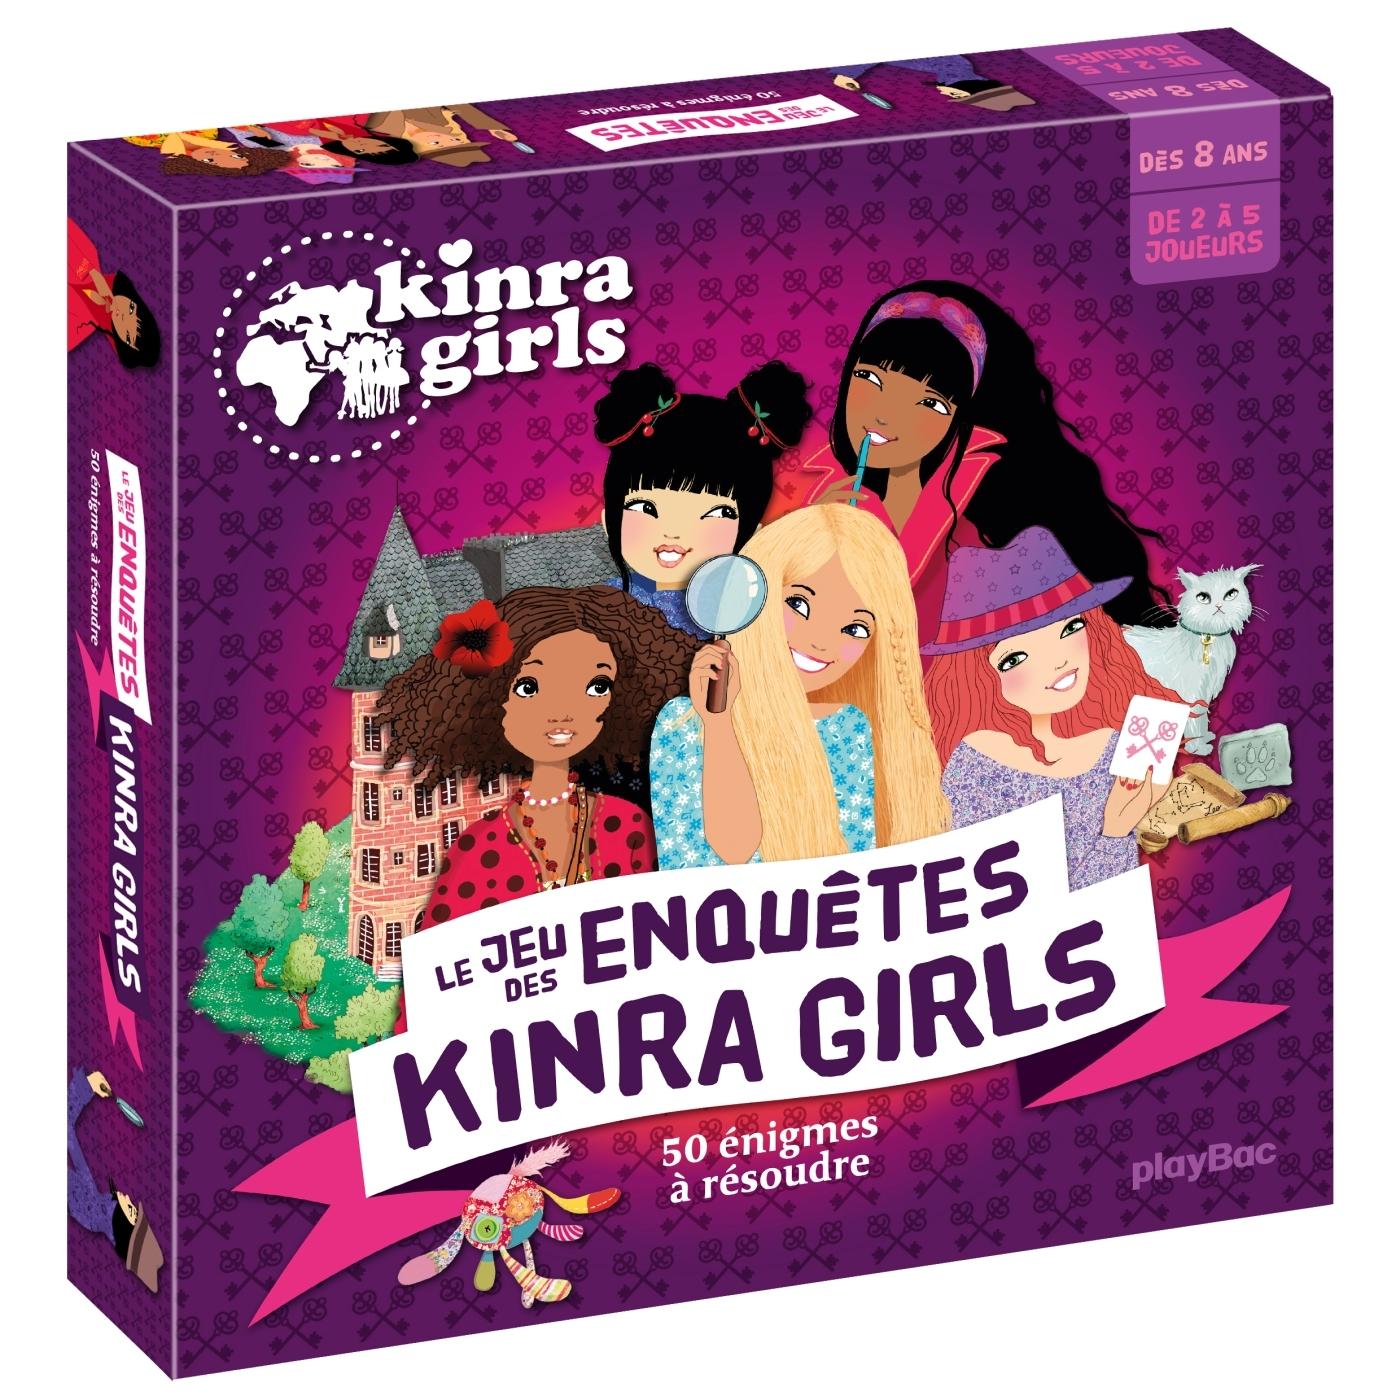 KINRA GIRLS - LES ENQUETES DES KINRA GIRLS